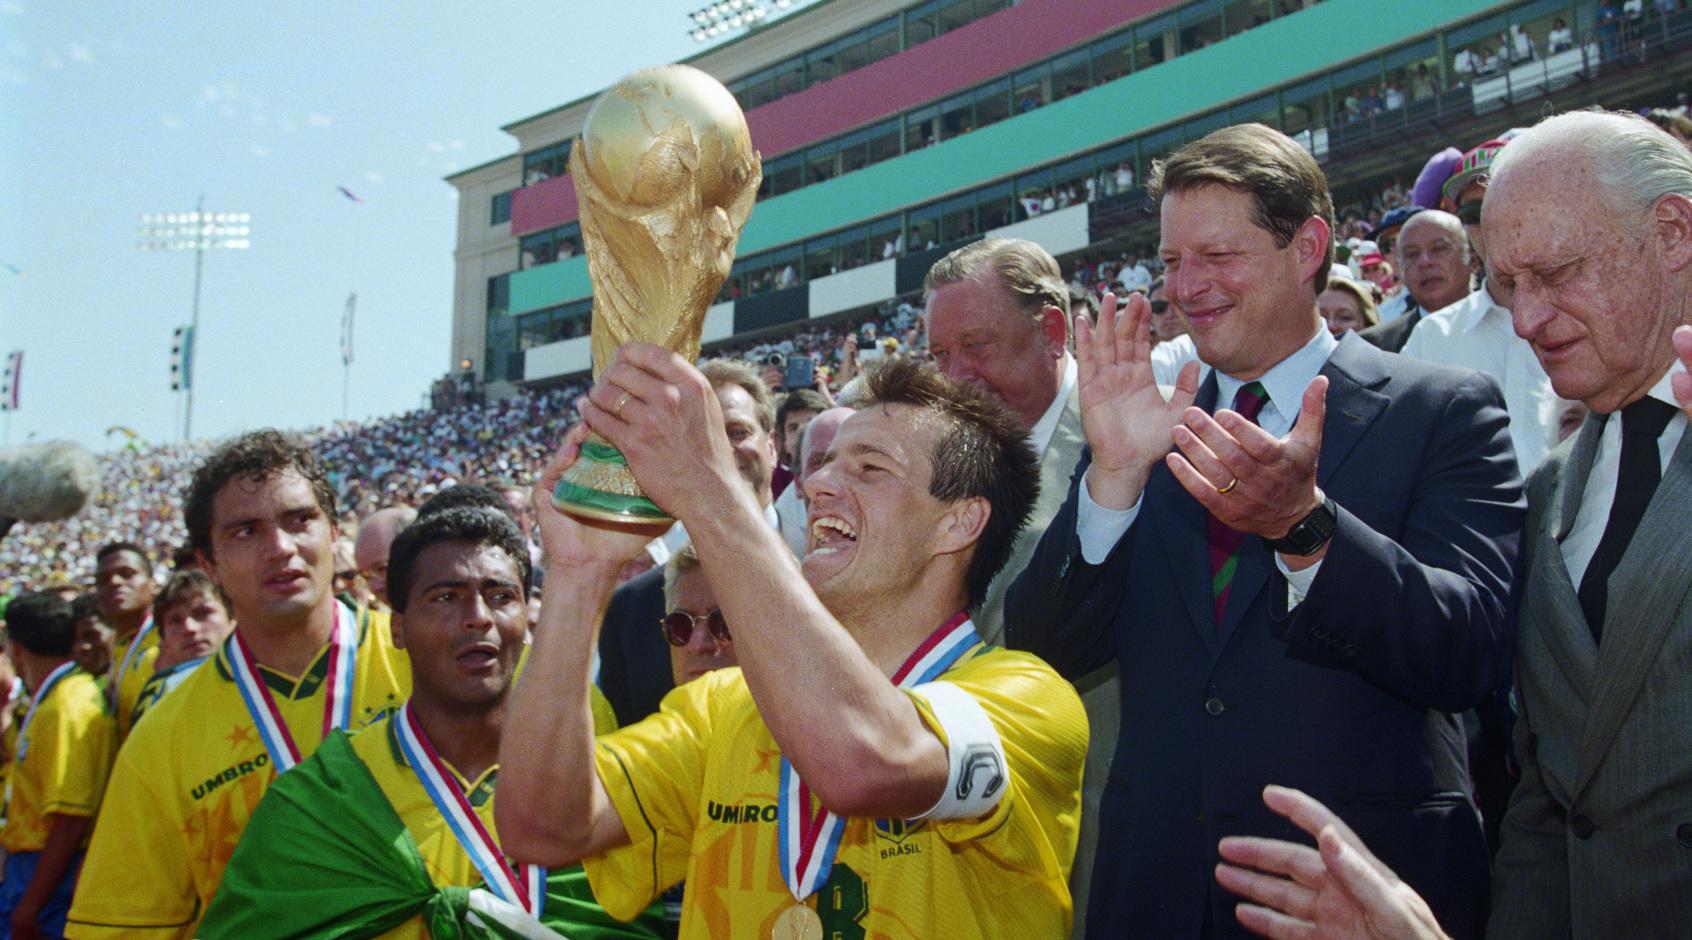 Чемпионат мира в США 1994 года: трагедия Баджо и долгожданное возвращение на трон Бразилии (+видео)